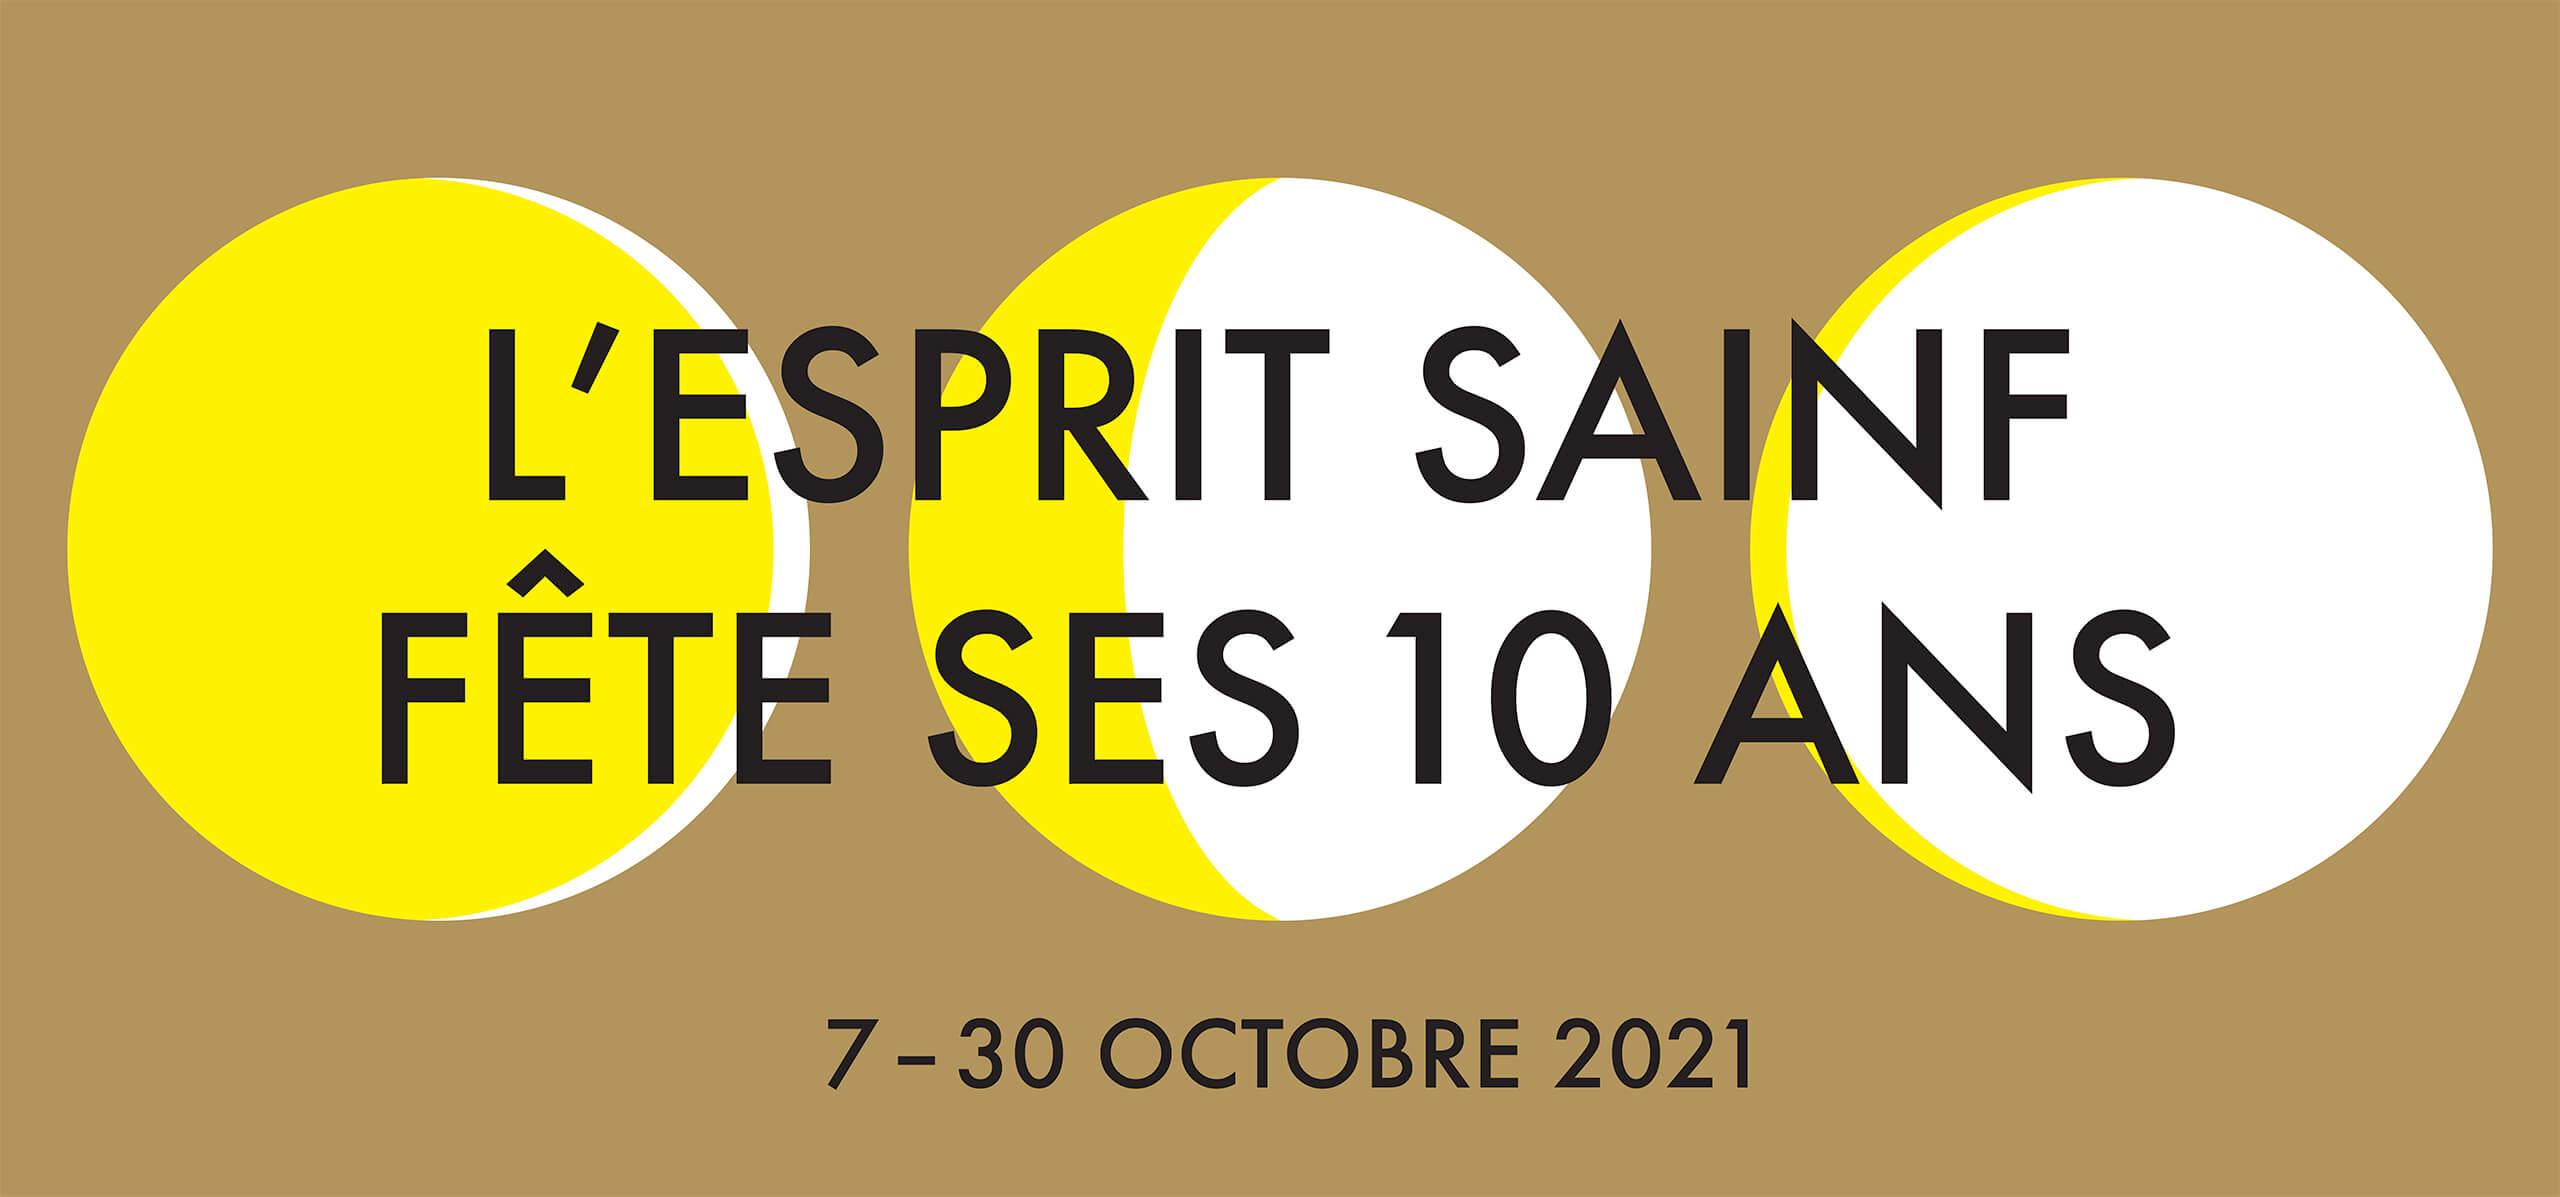 Bannière pour les 10 ans de l'Esprit Sainf